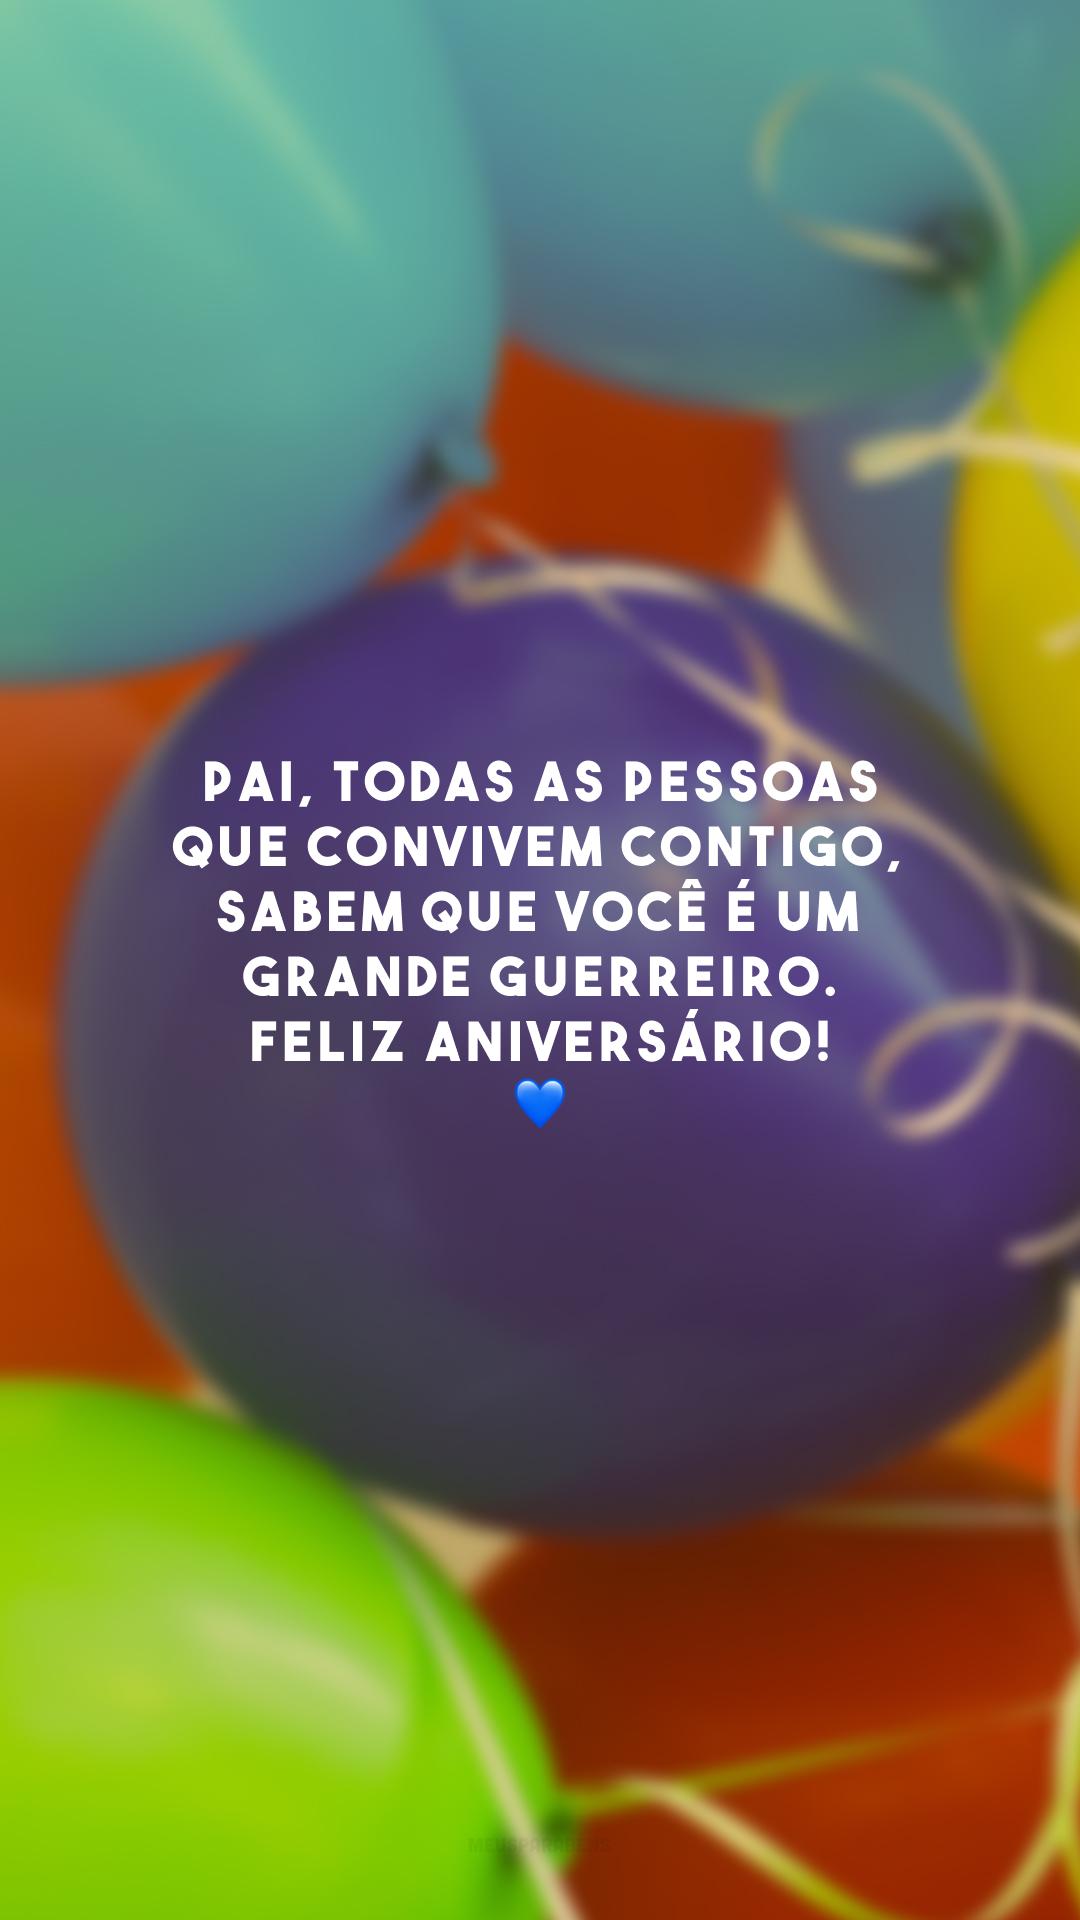 Pai, todas as pessoas que convivem contigo, sabem que você é um grande guerreiro. Feliz aniversário! 💙